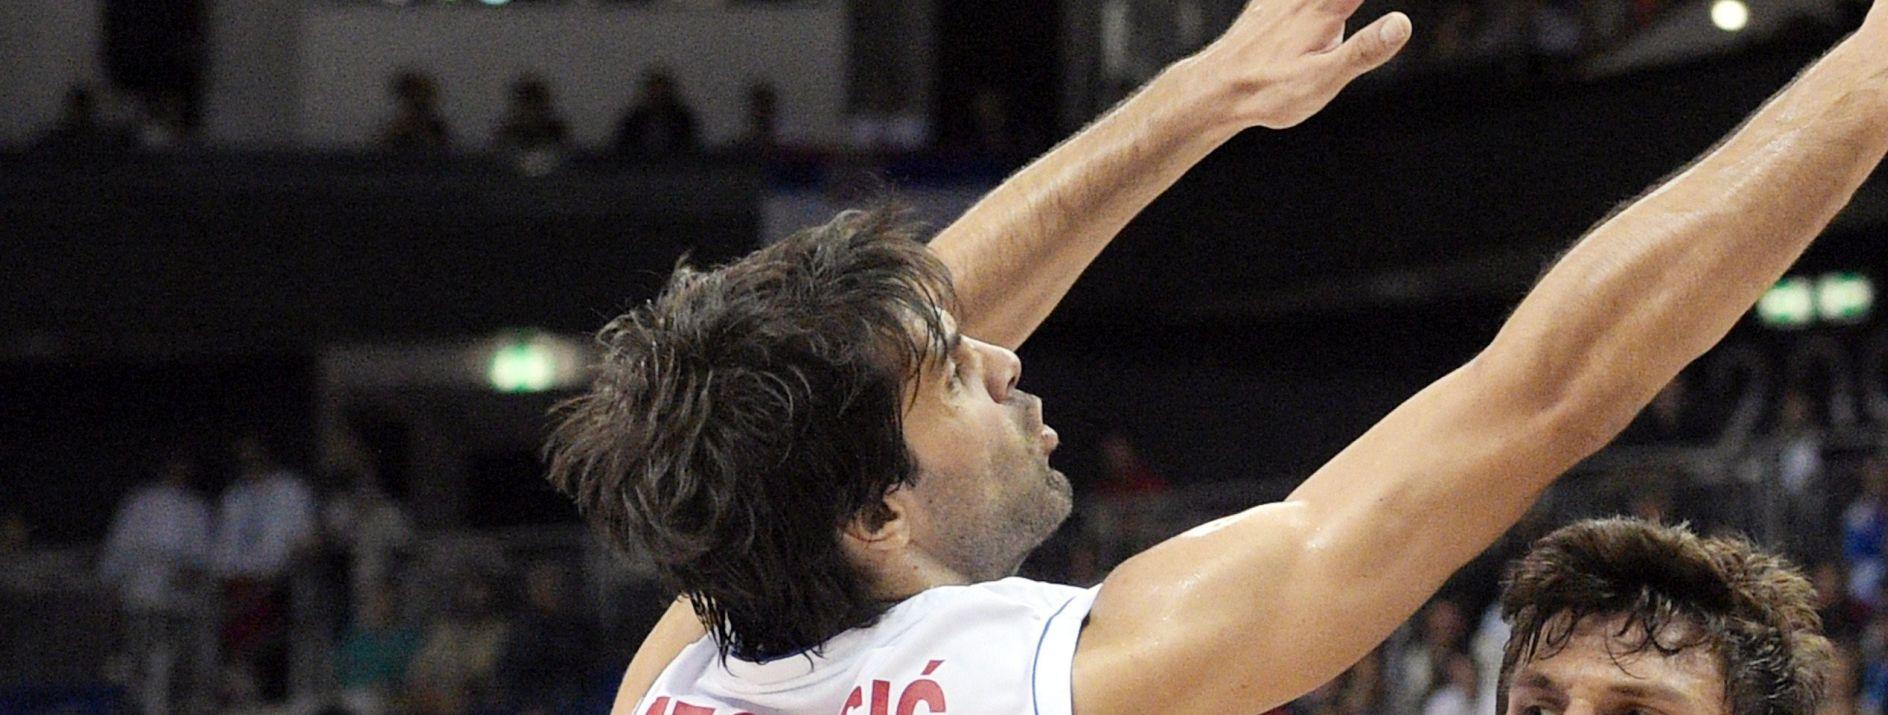 TEODOSIĆ 12 KOŠEVA 14 ASISTA EuroBasket – Srbija u polufinalu